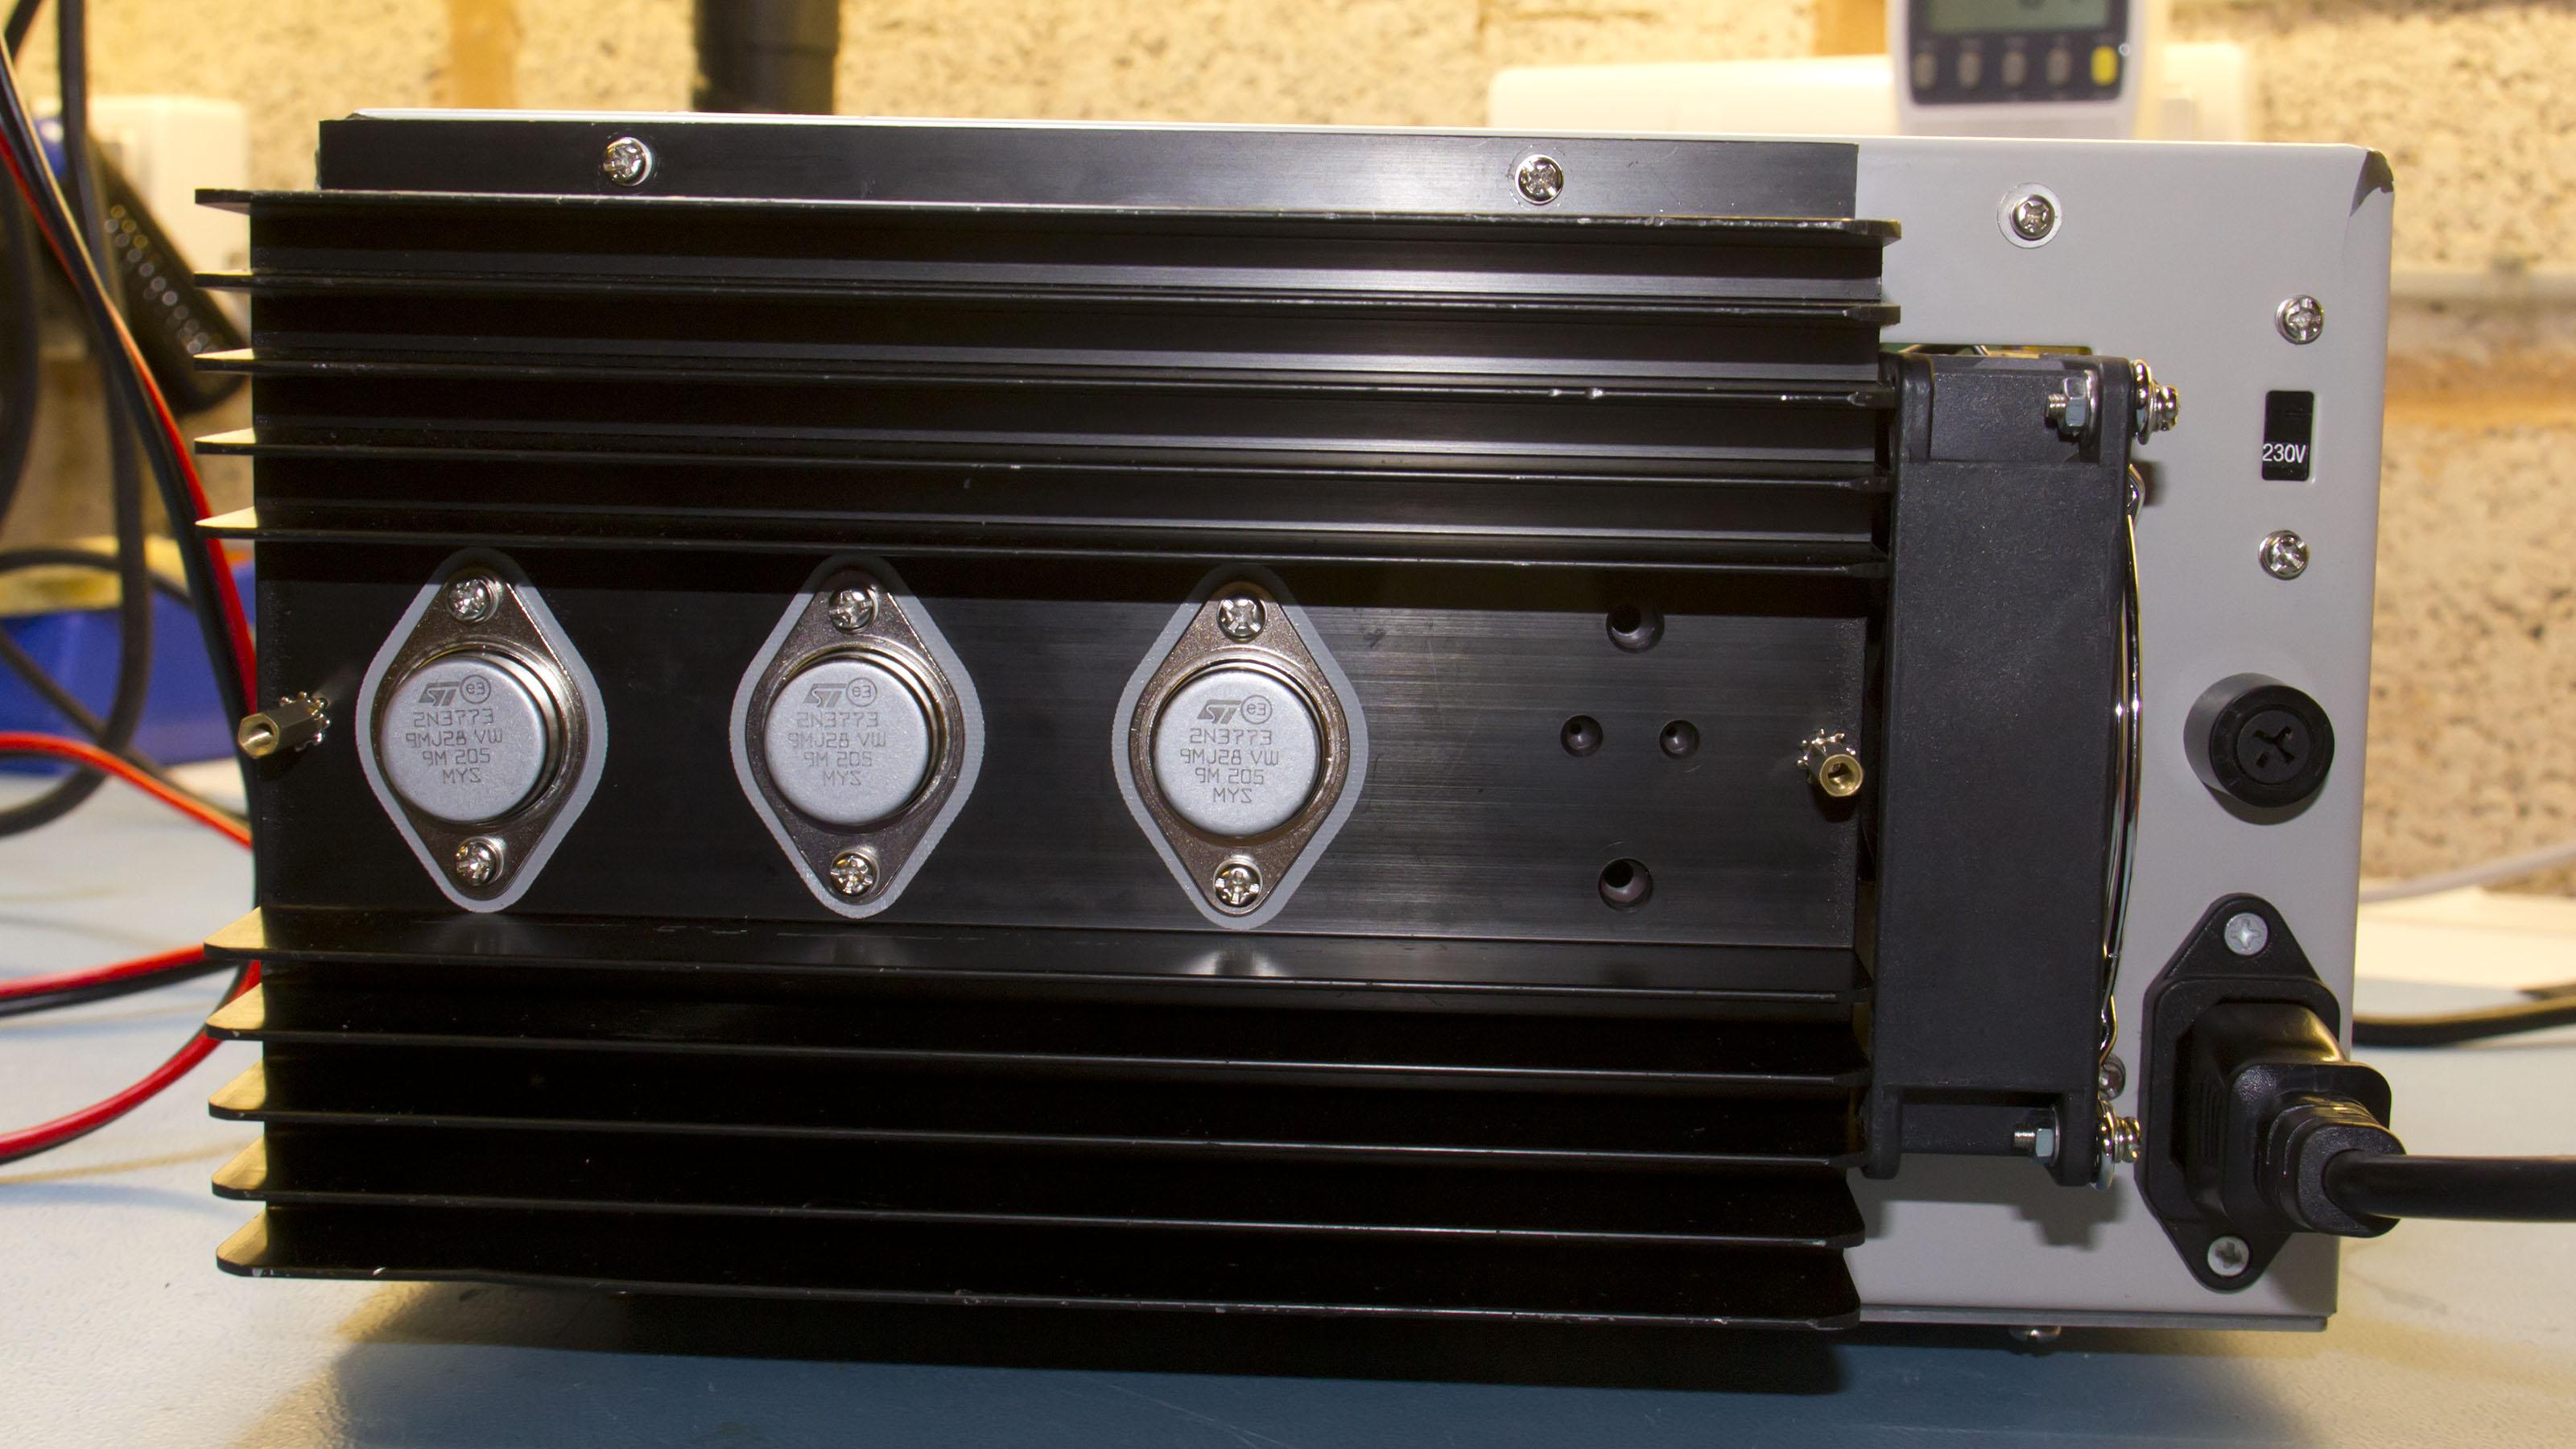 2n3773 Amplifier New Car Models 2019 2020 400watt Irfp448 Power Circuit Diagram 2n37733